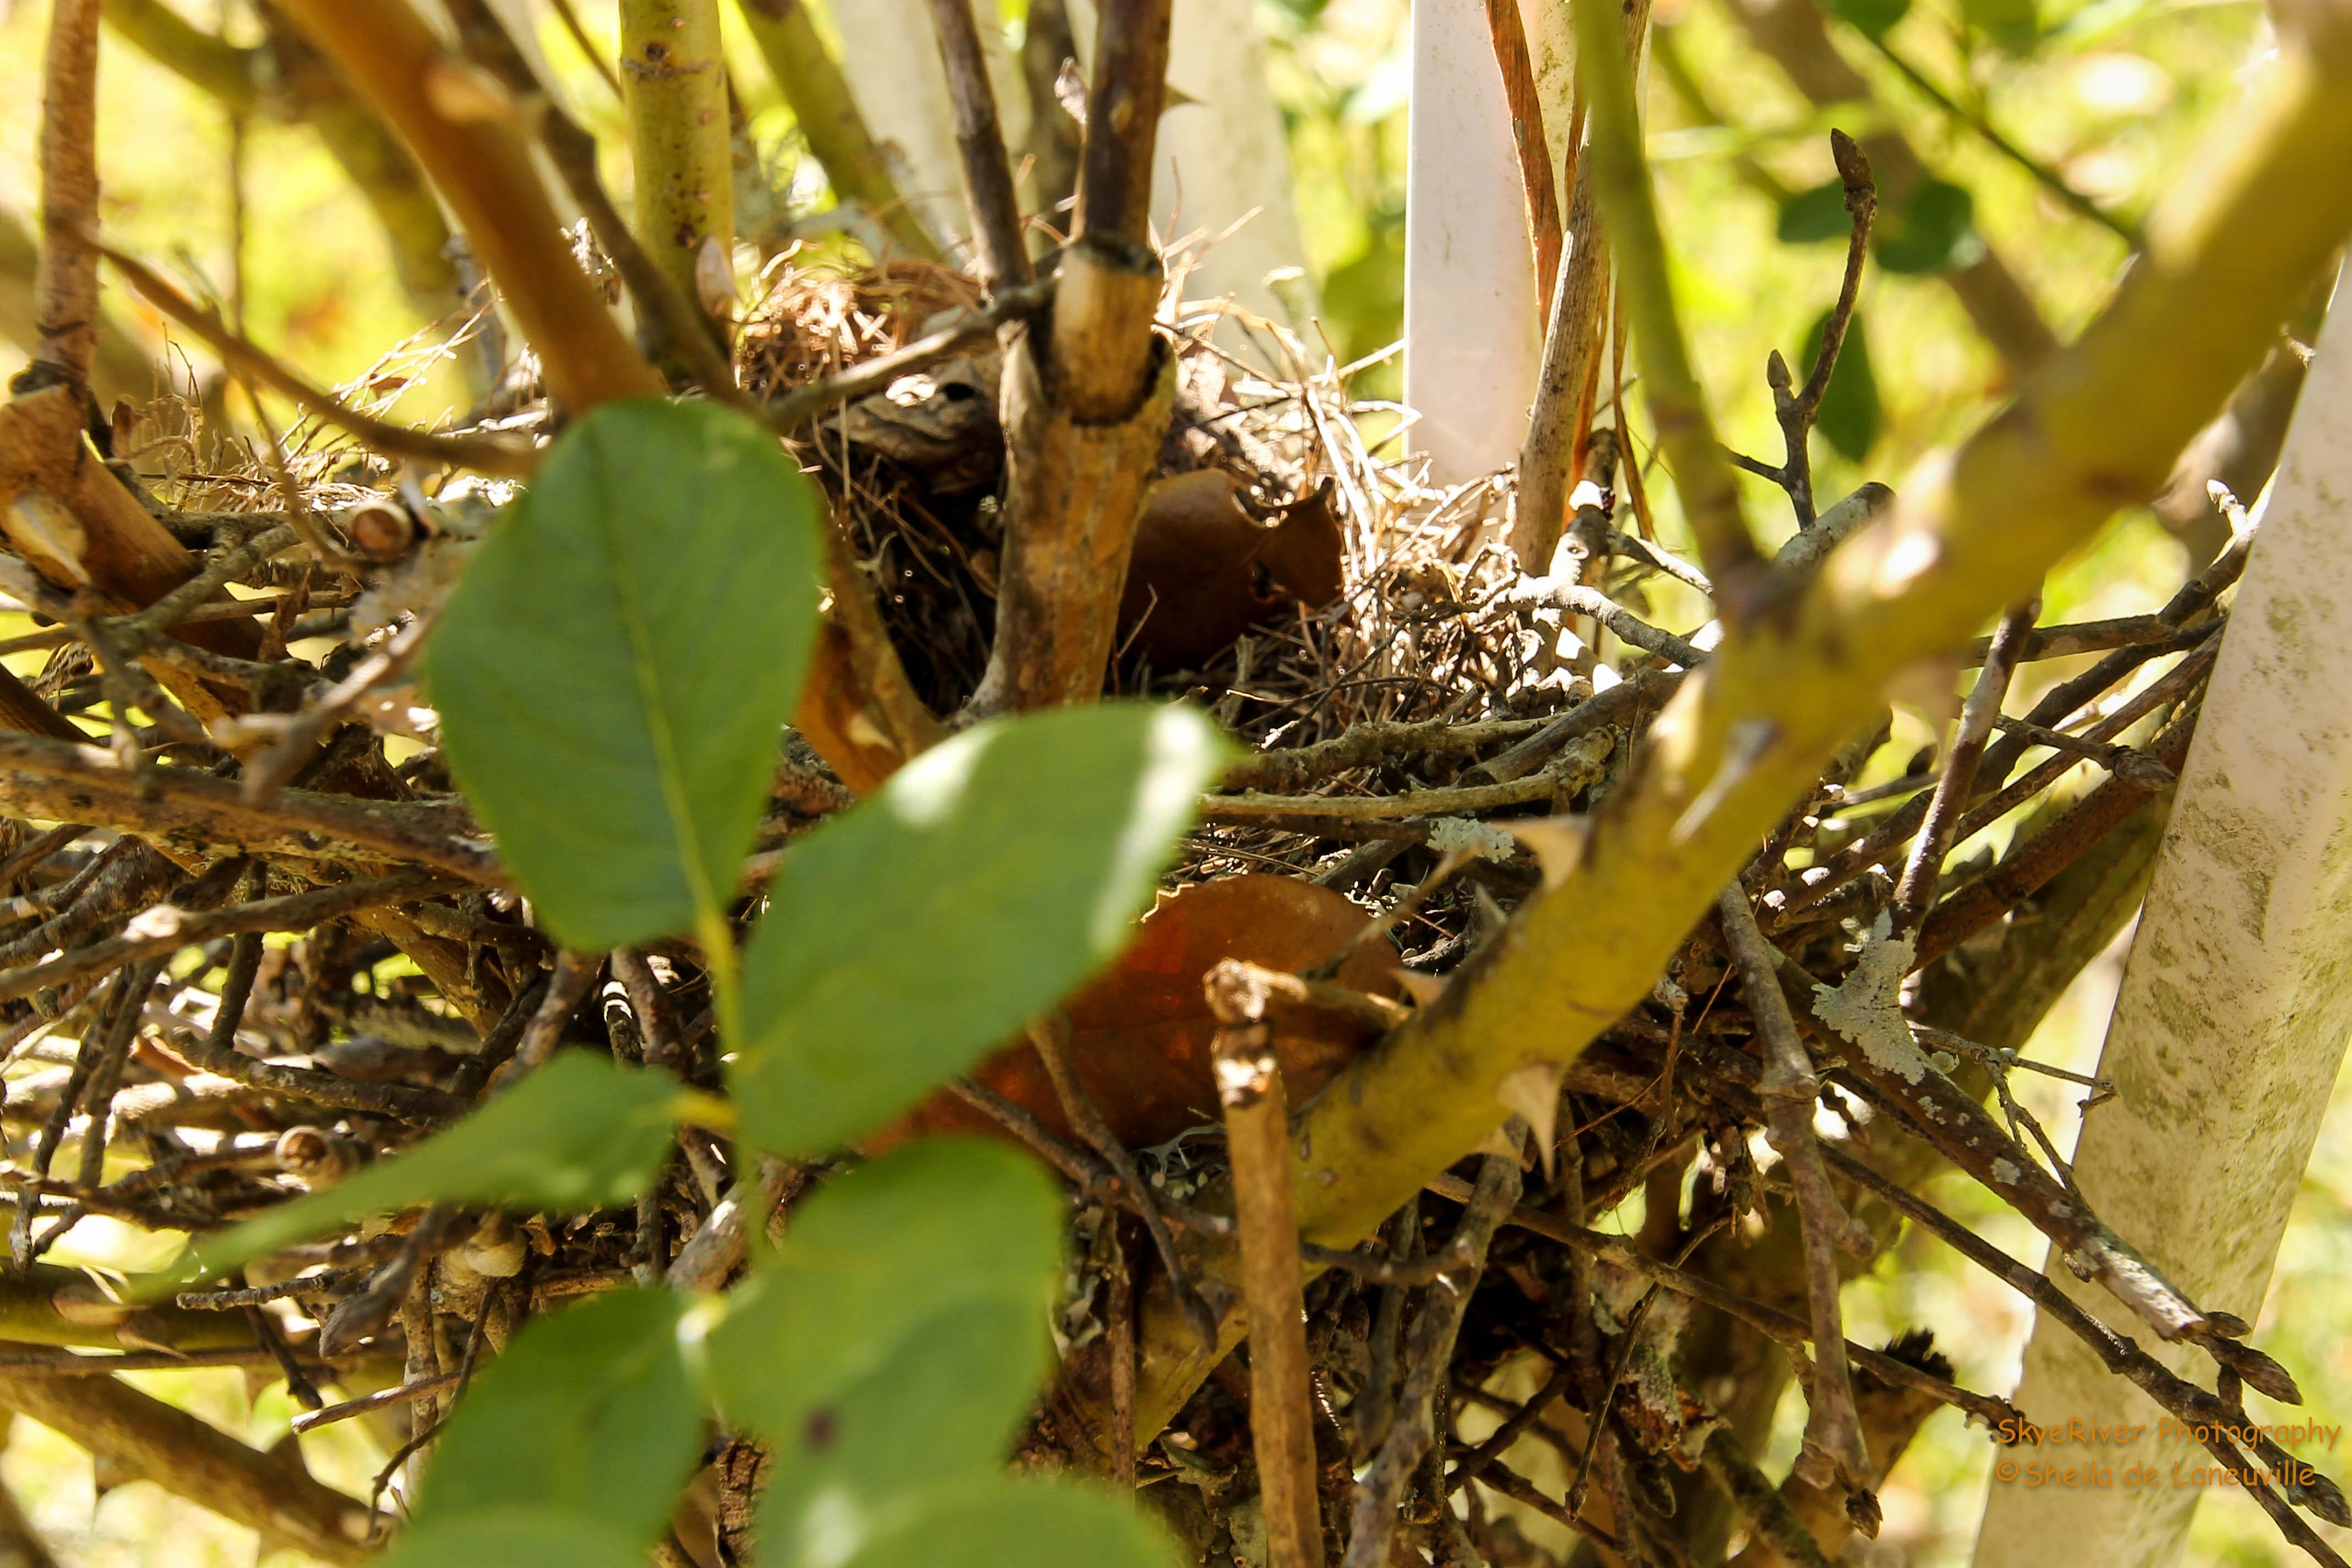 An old bird nest